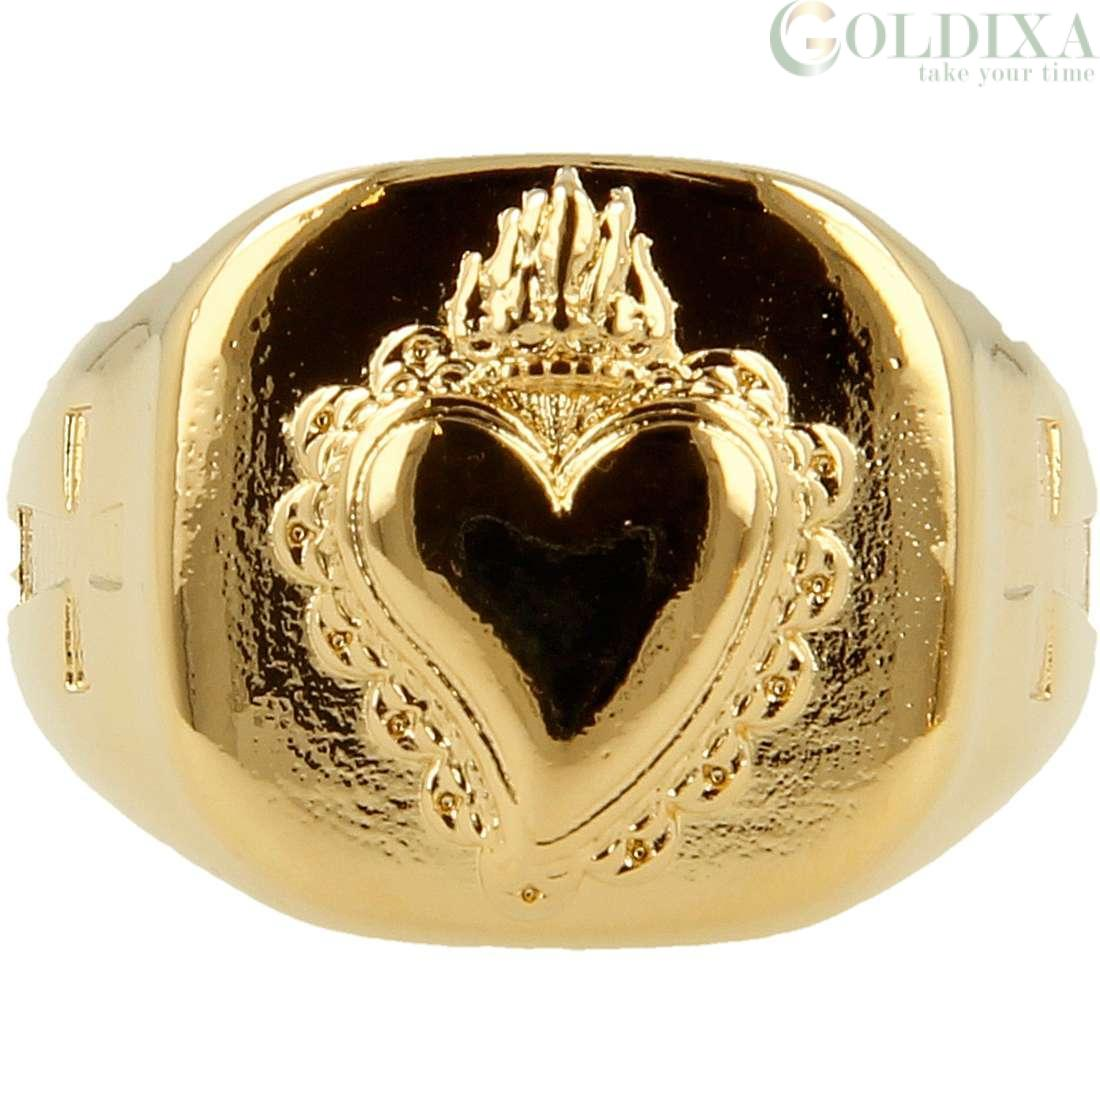 Anello pietro ferrante in ottone con sacro cuore